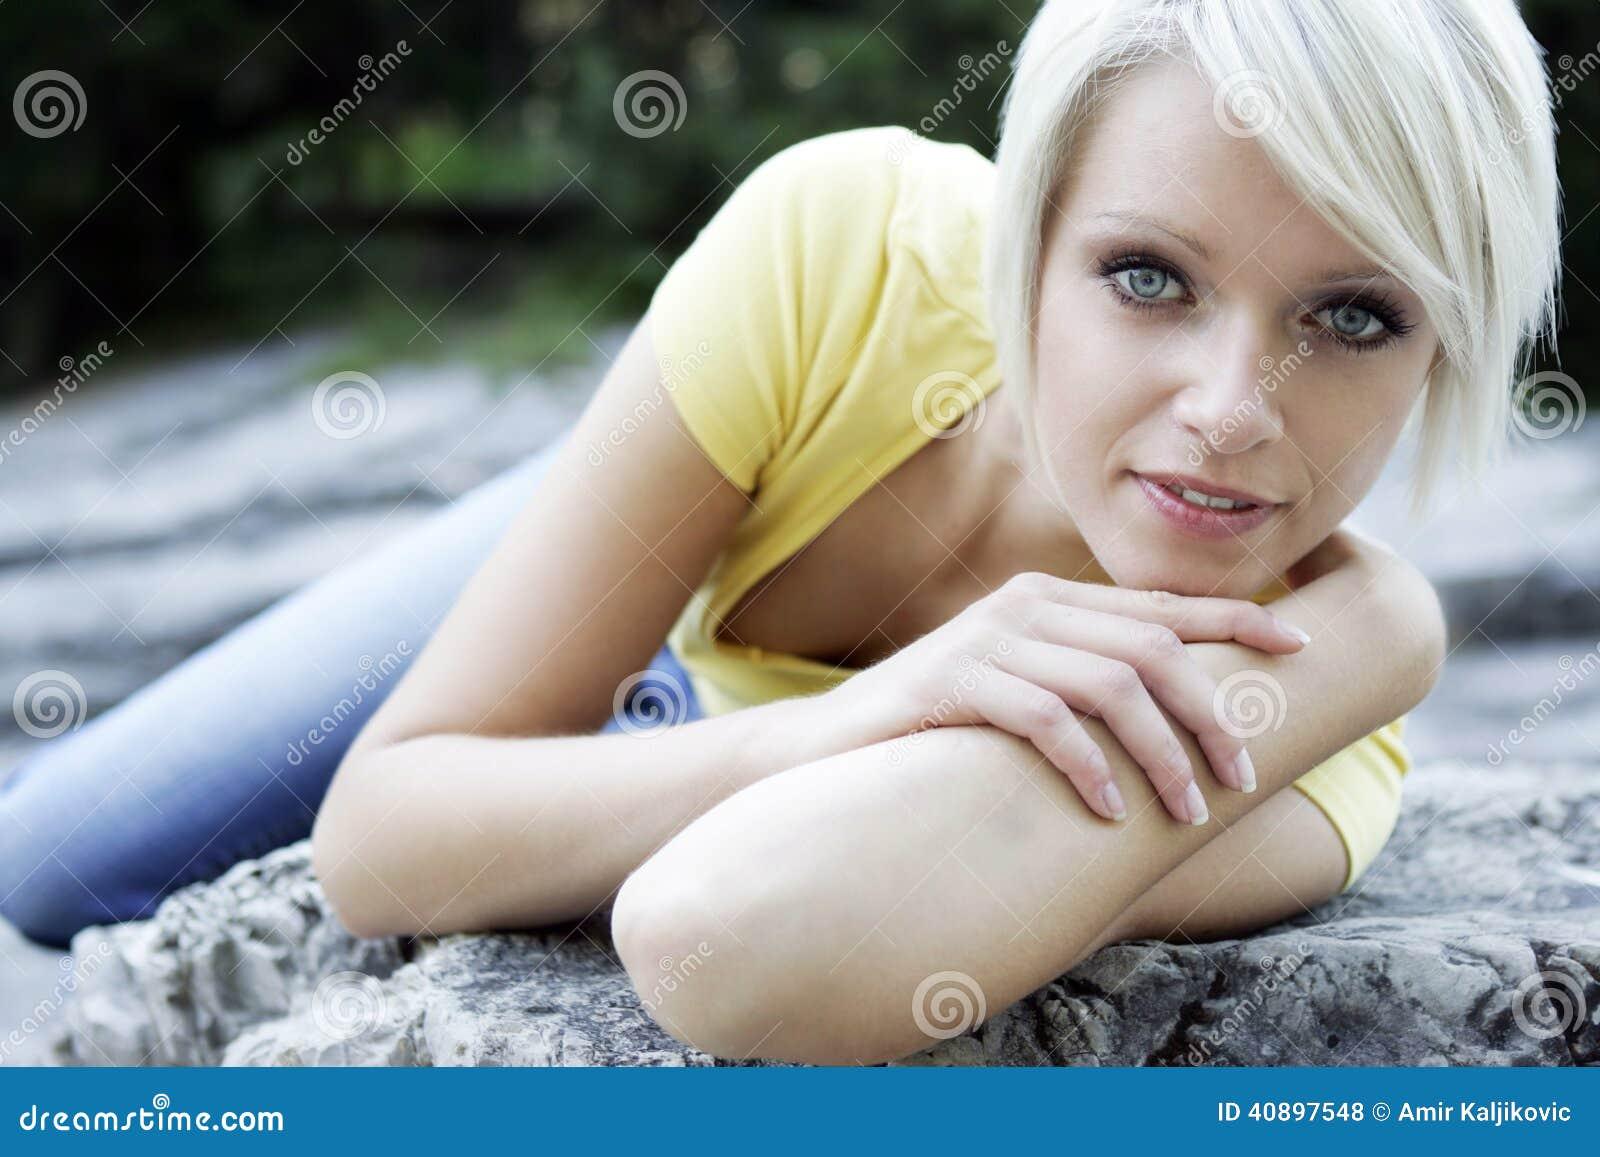 Kall kvinnlig modell